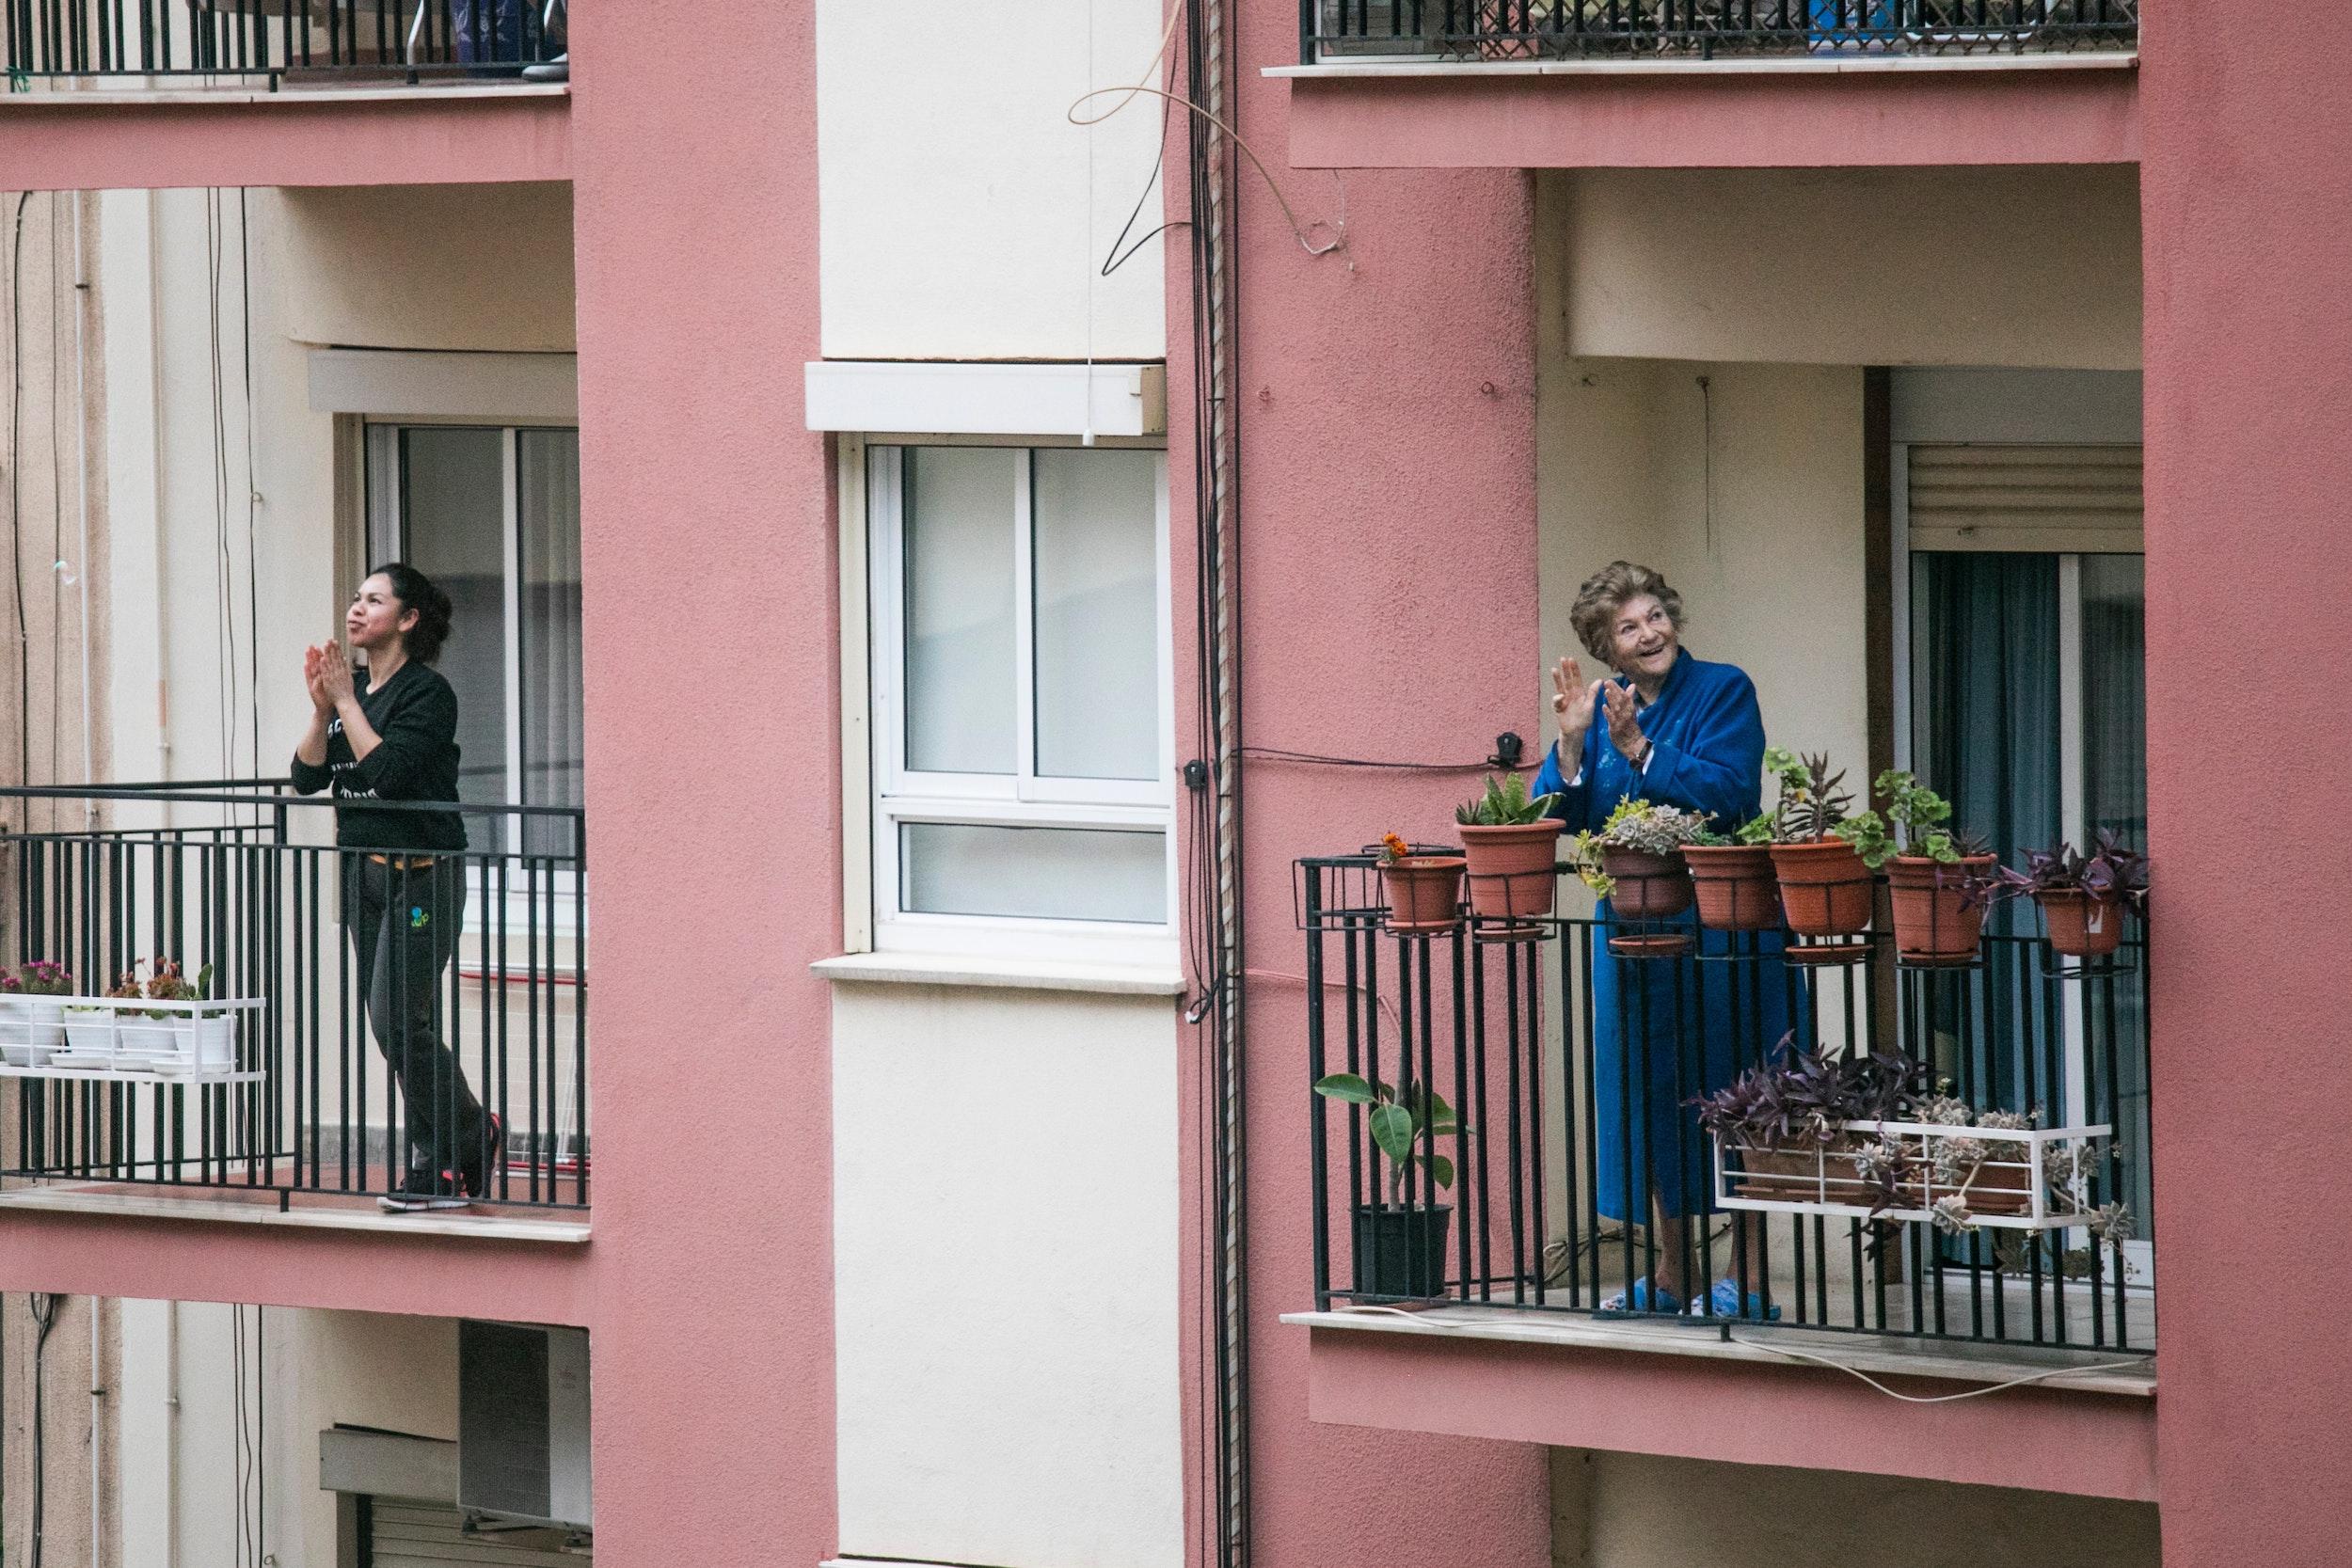 People cheering on balconies